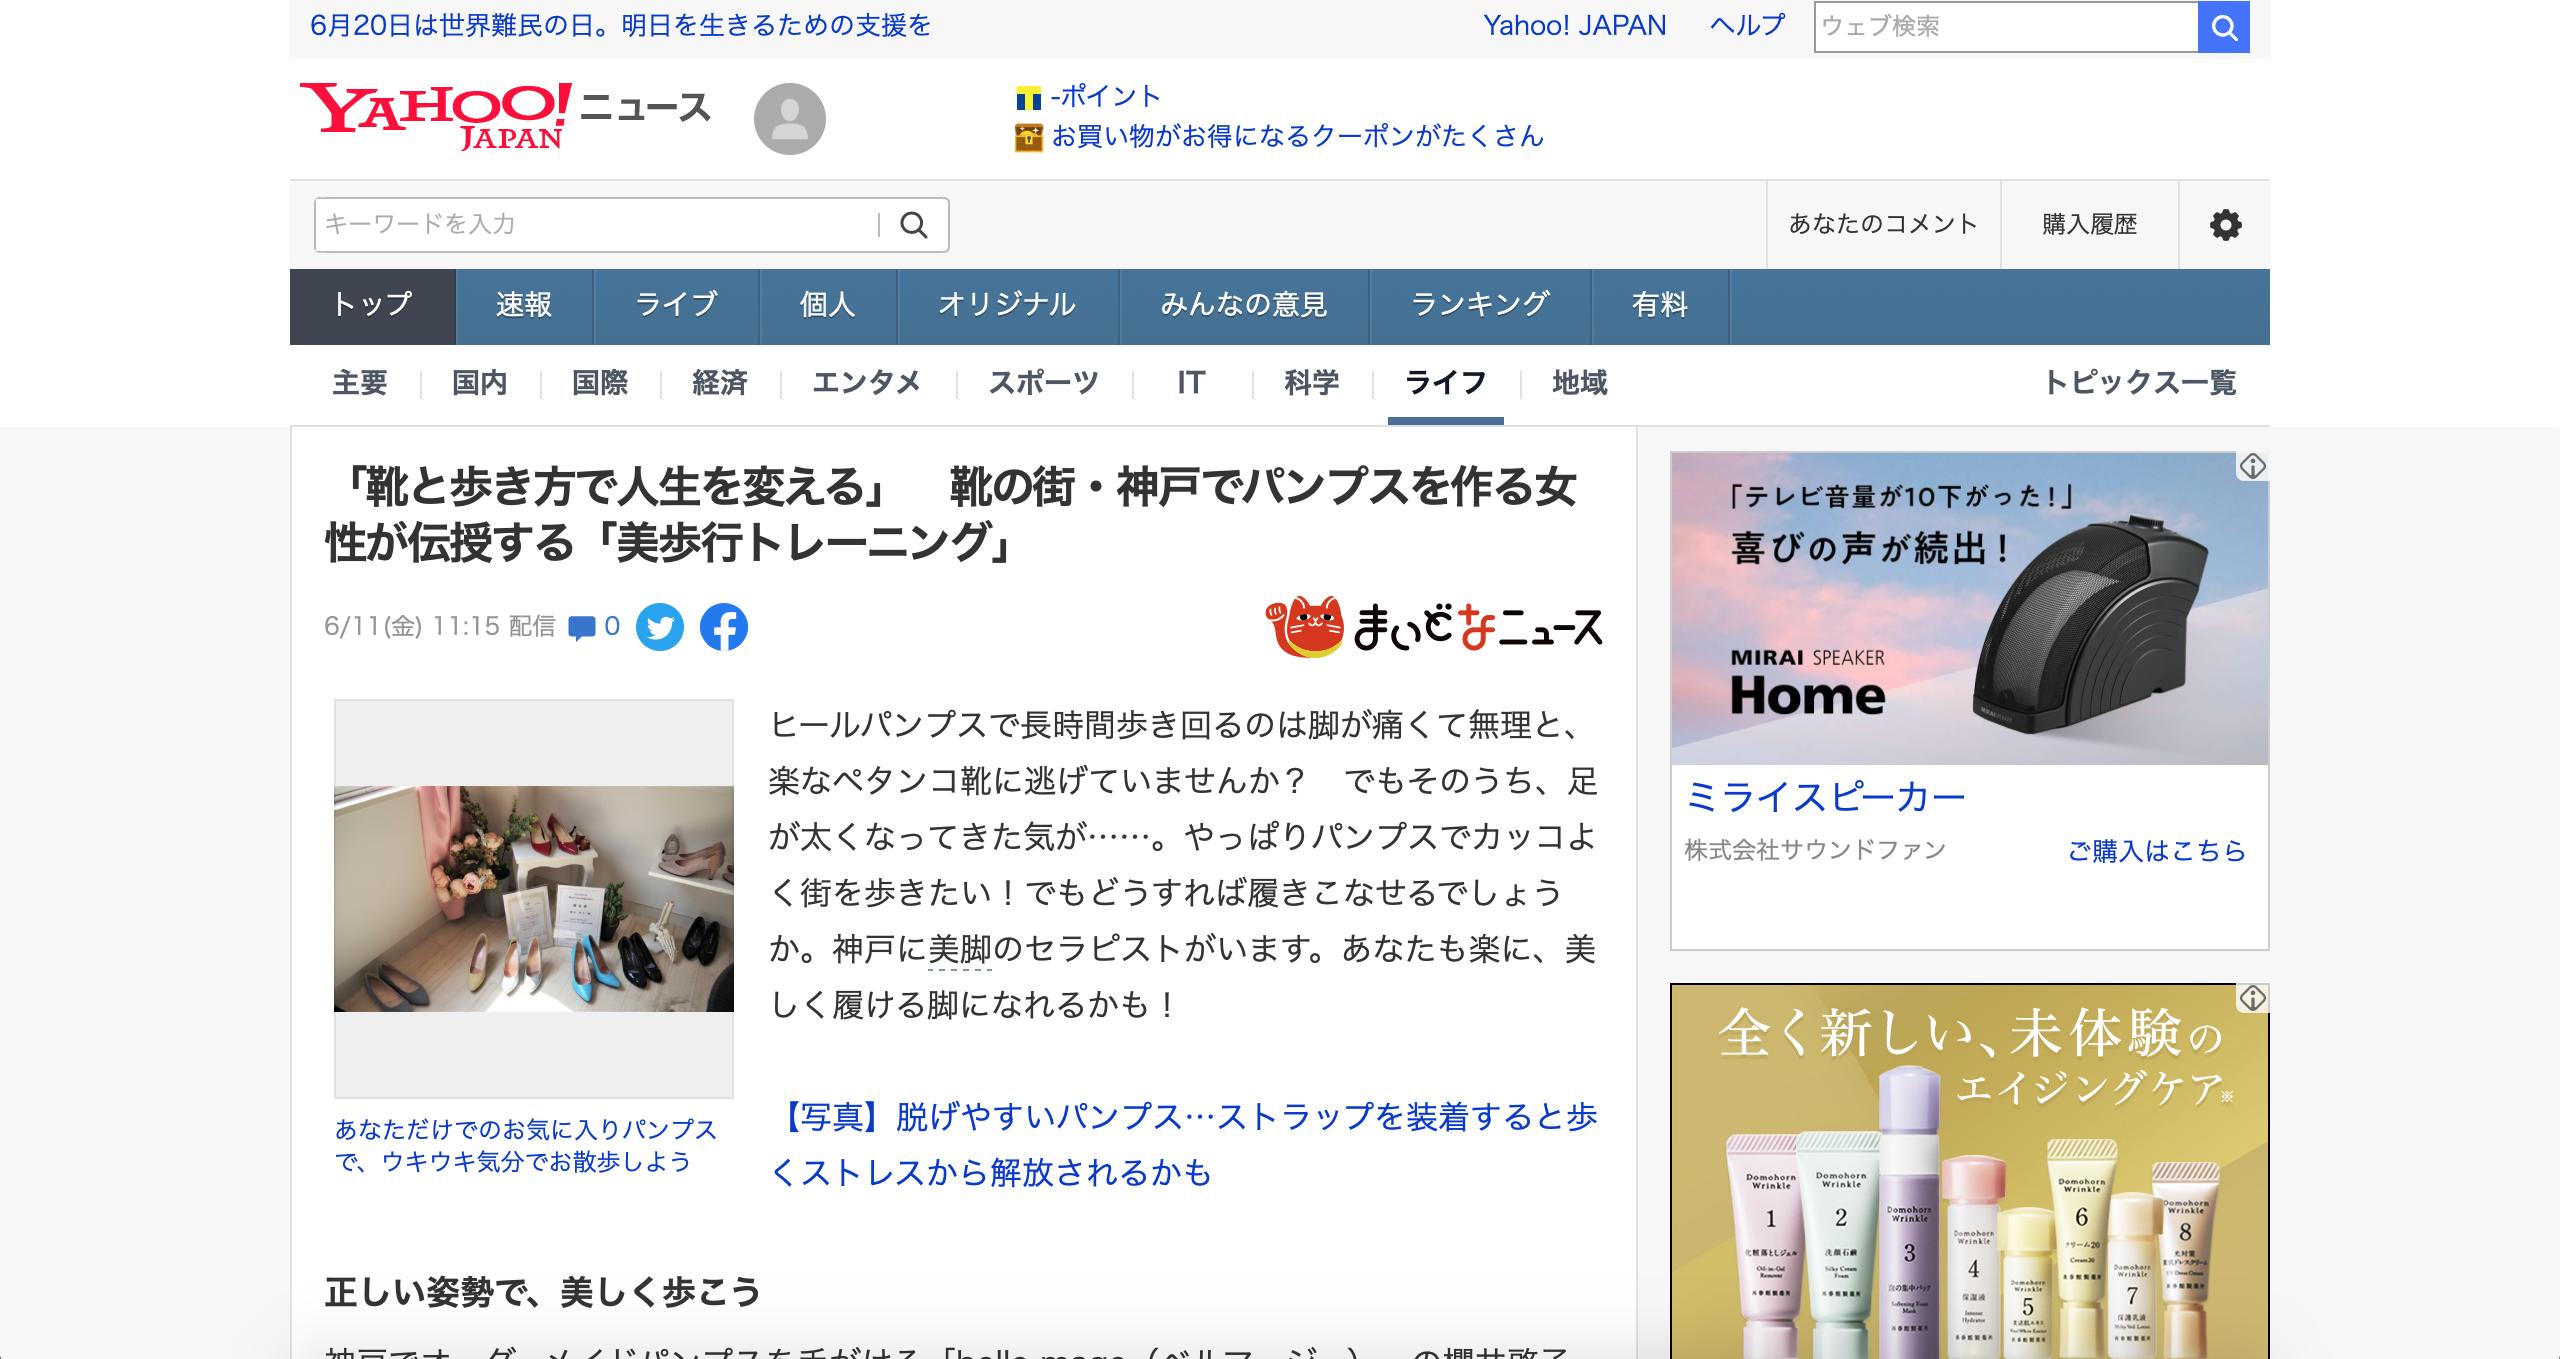 ベルマージュ Yahoo!ニュース